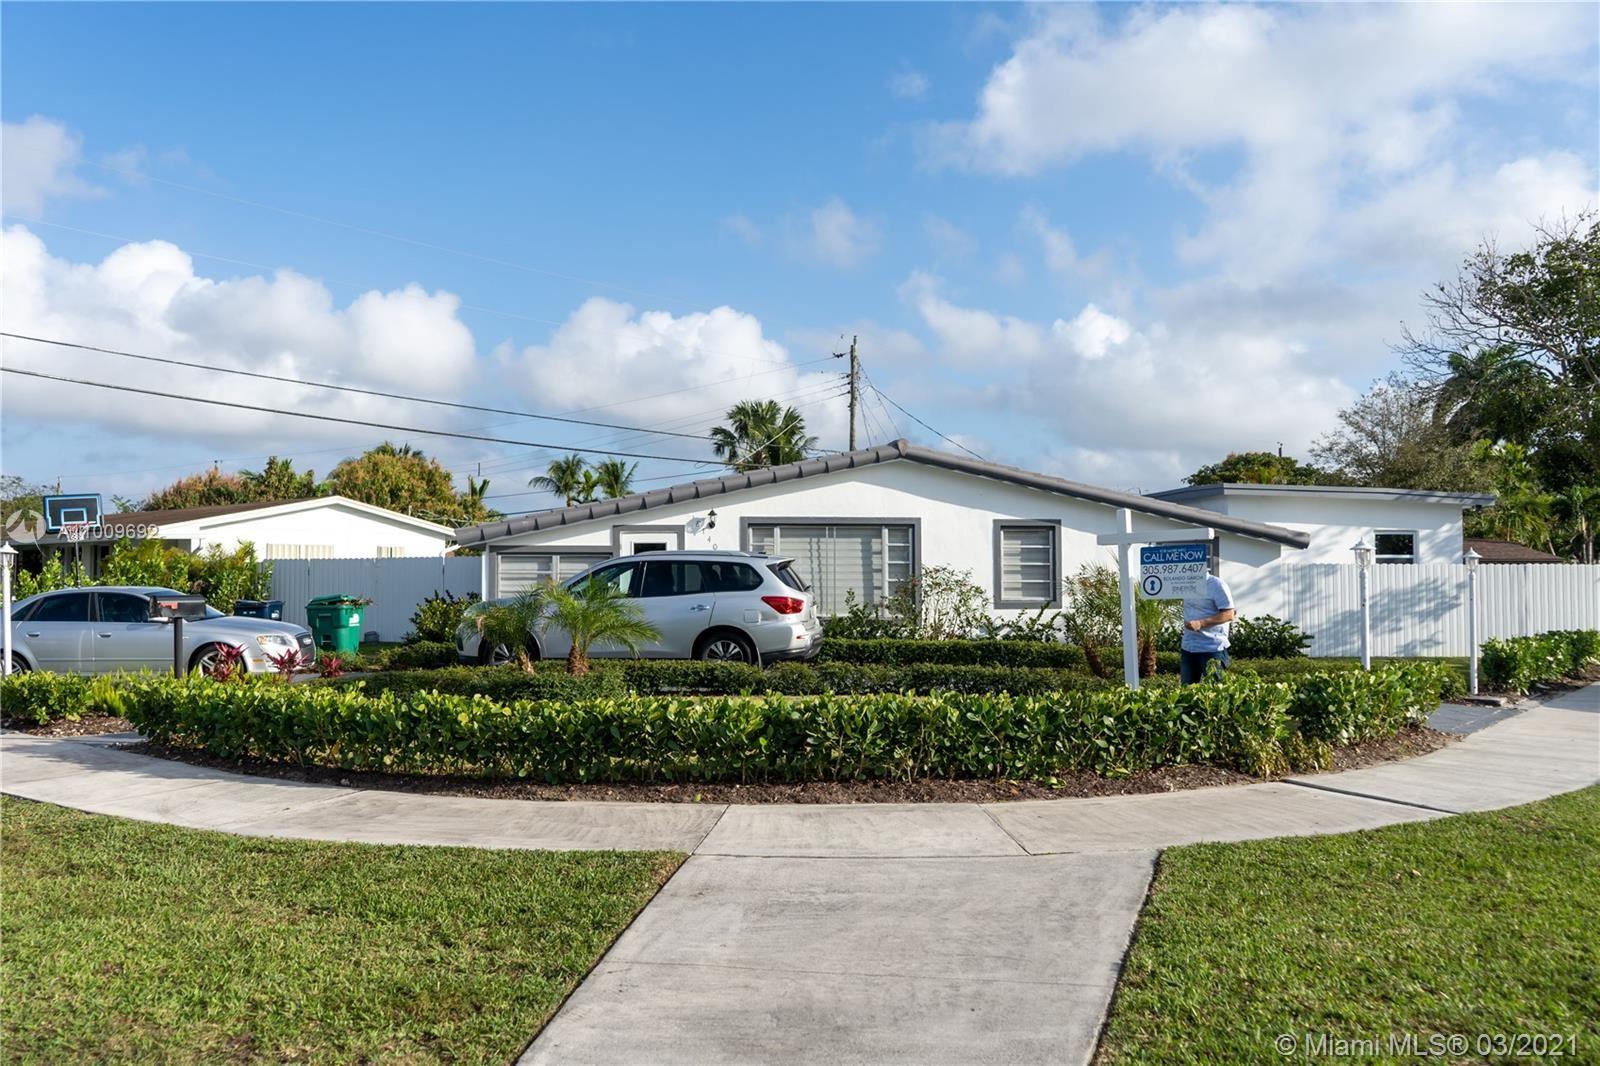 8140 SW 13th Ter, Miami, FL 33144 - #: A11009692